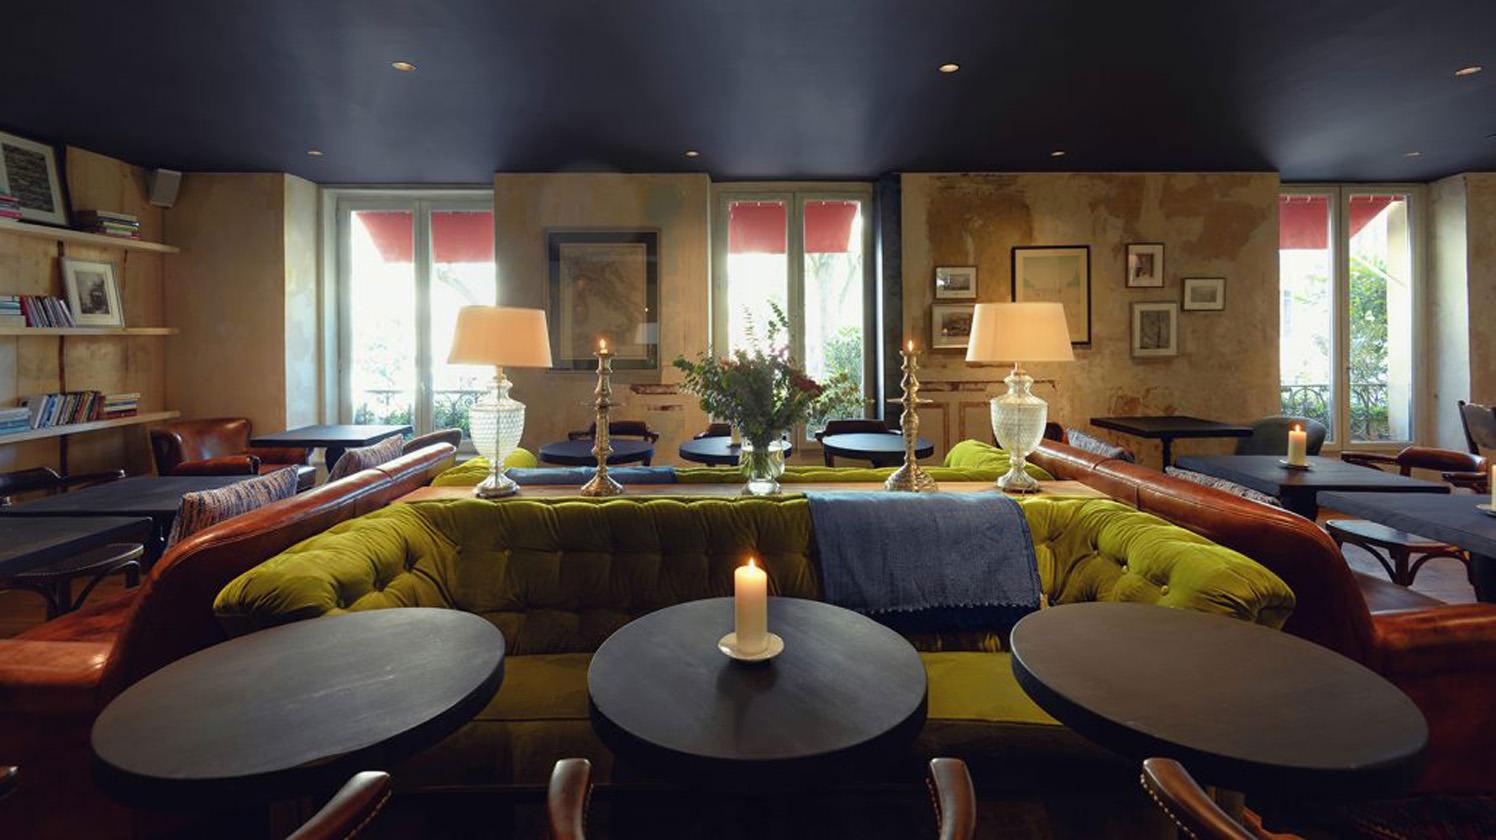 Michael-Malapert-Interior-Design-restaurant-Marcella-Paris-07